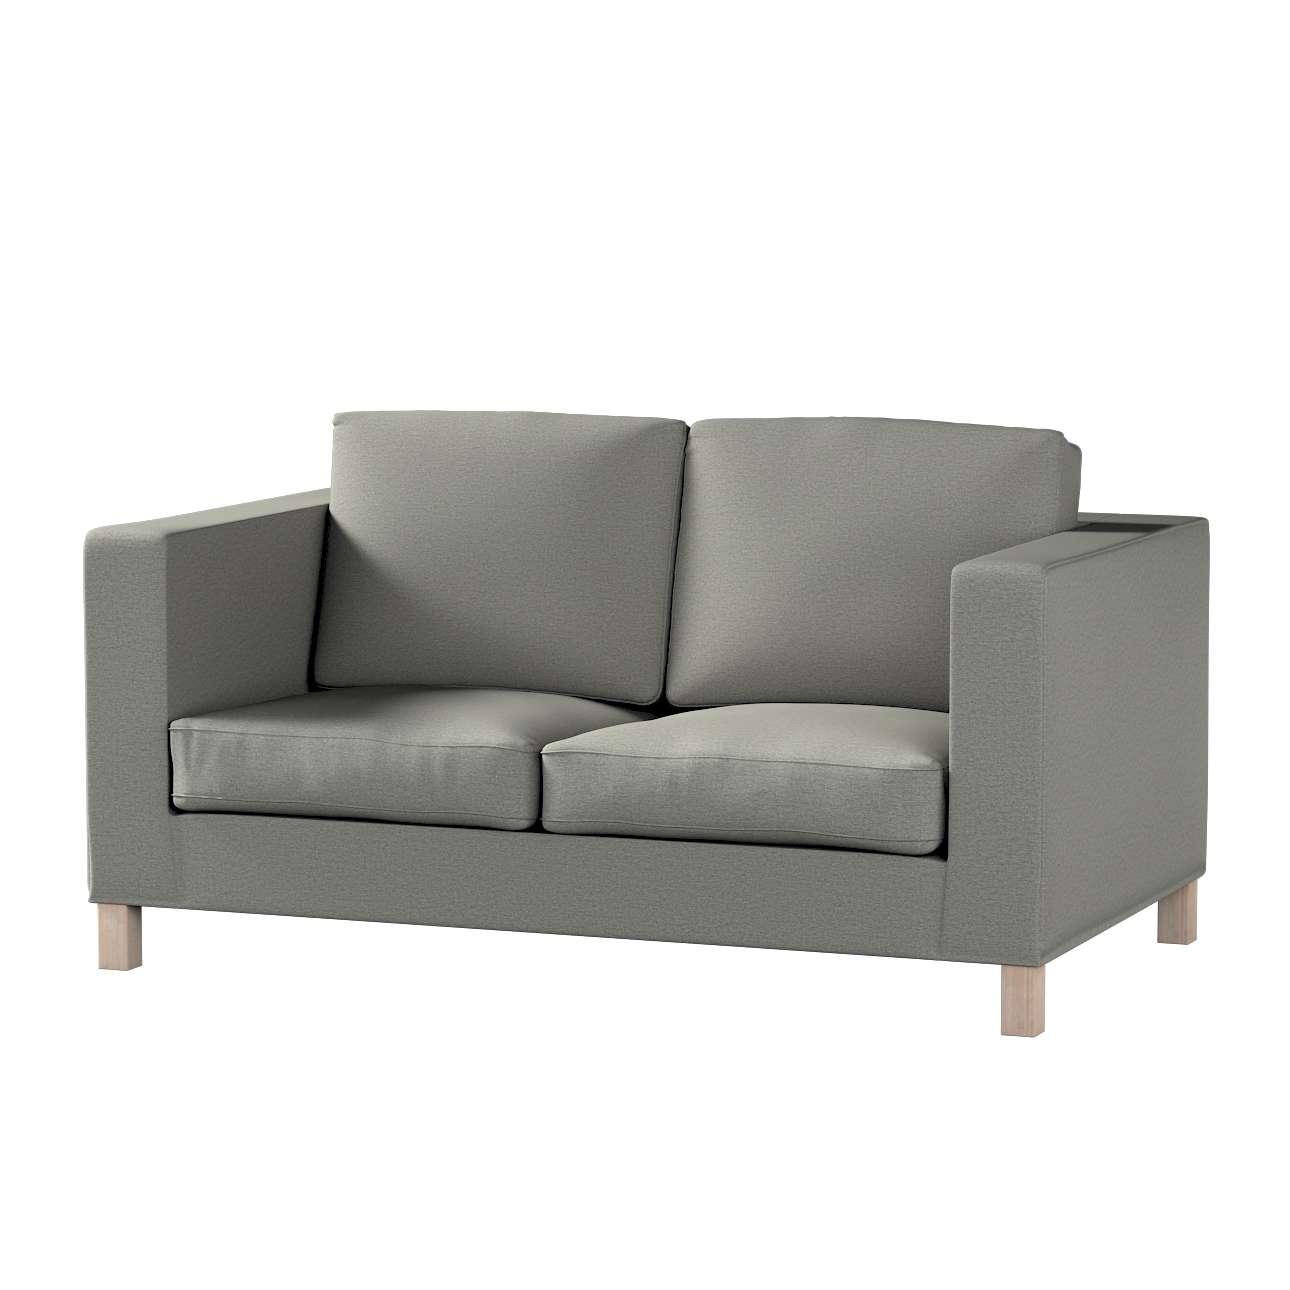 Karlanda klädsel<br>2-sits soffa - kort klädsel i kollektionen Etna, Tyg: 161-25